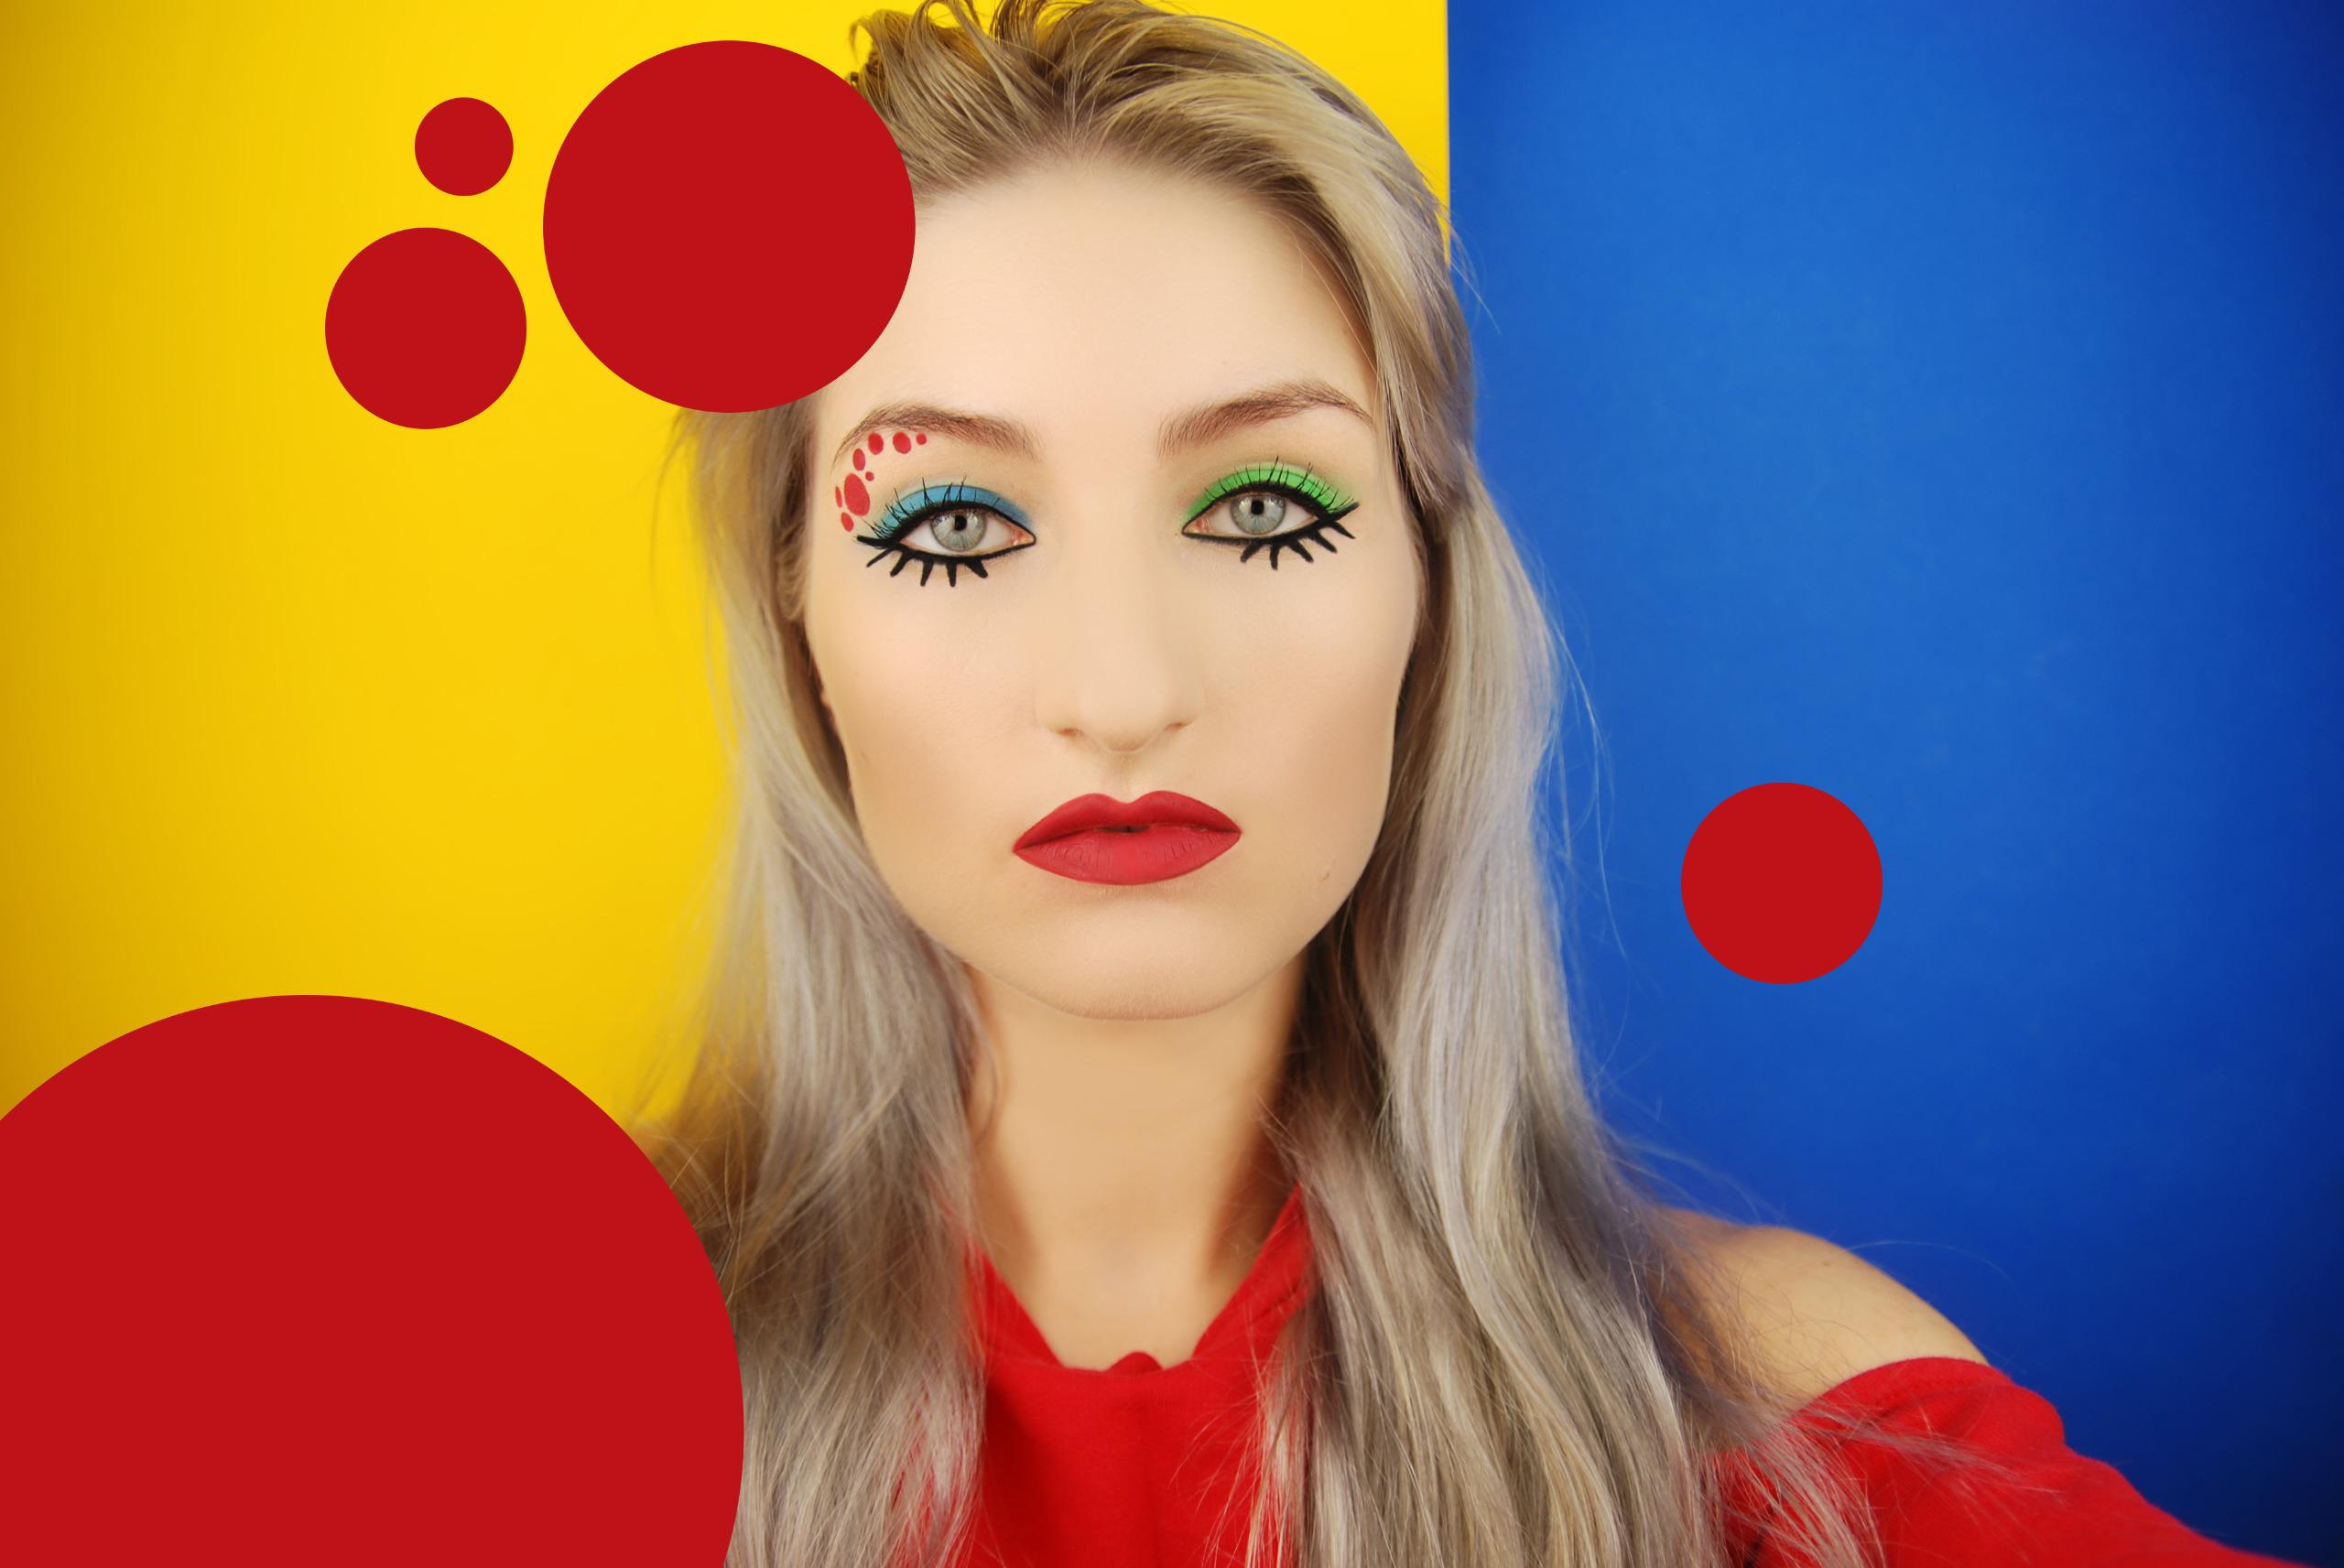 Zdjęcie przedstawia młodą kobietę w mocnym makijażu w czerwonej bluzce, na żółto-niebieskim tle. Dookoła kobiety widzimy czerwone koła.